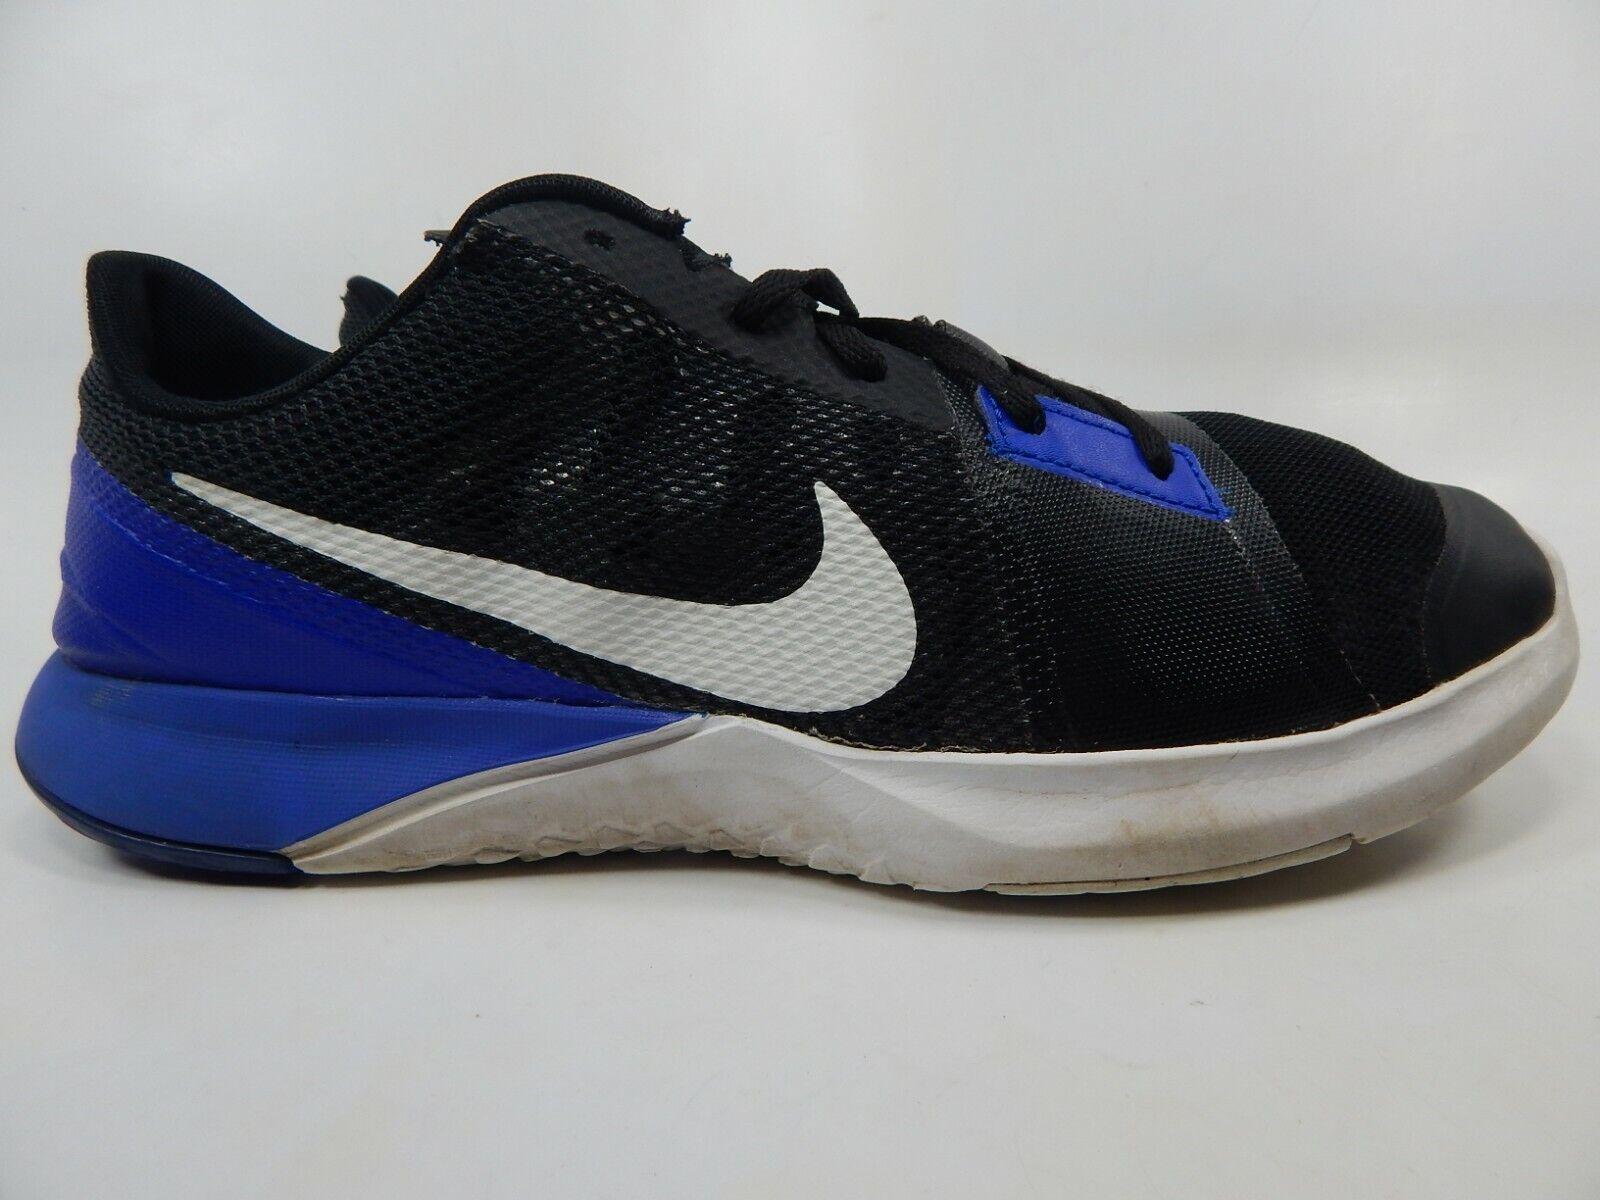 Nike FS Lite Trainer 3 Size 11 M (D) EU 45 Men's Training shoes Black 807113-005